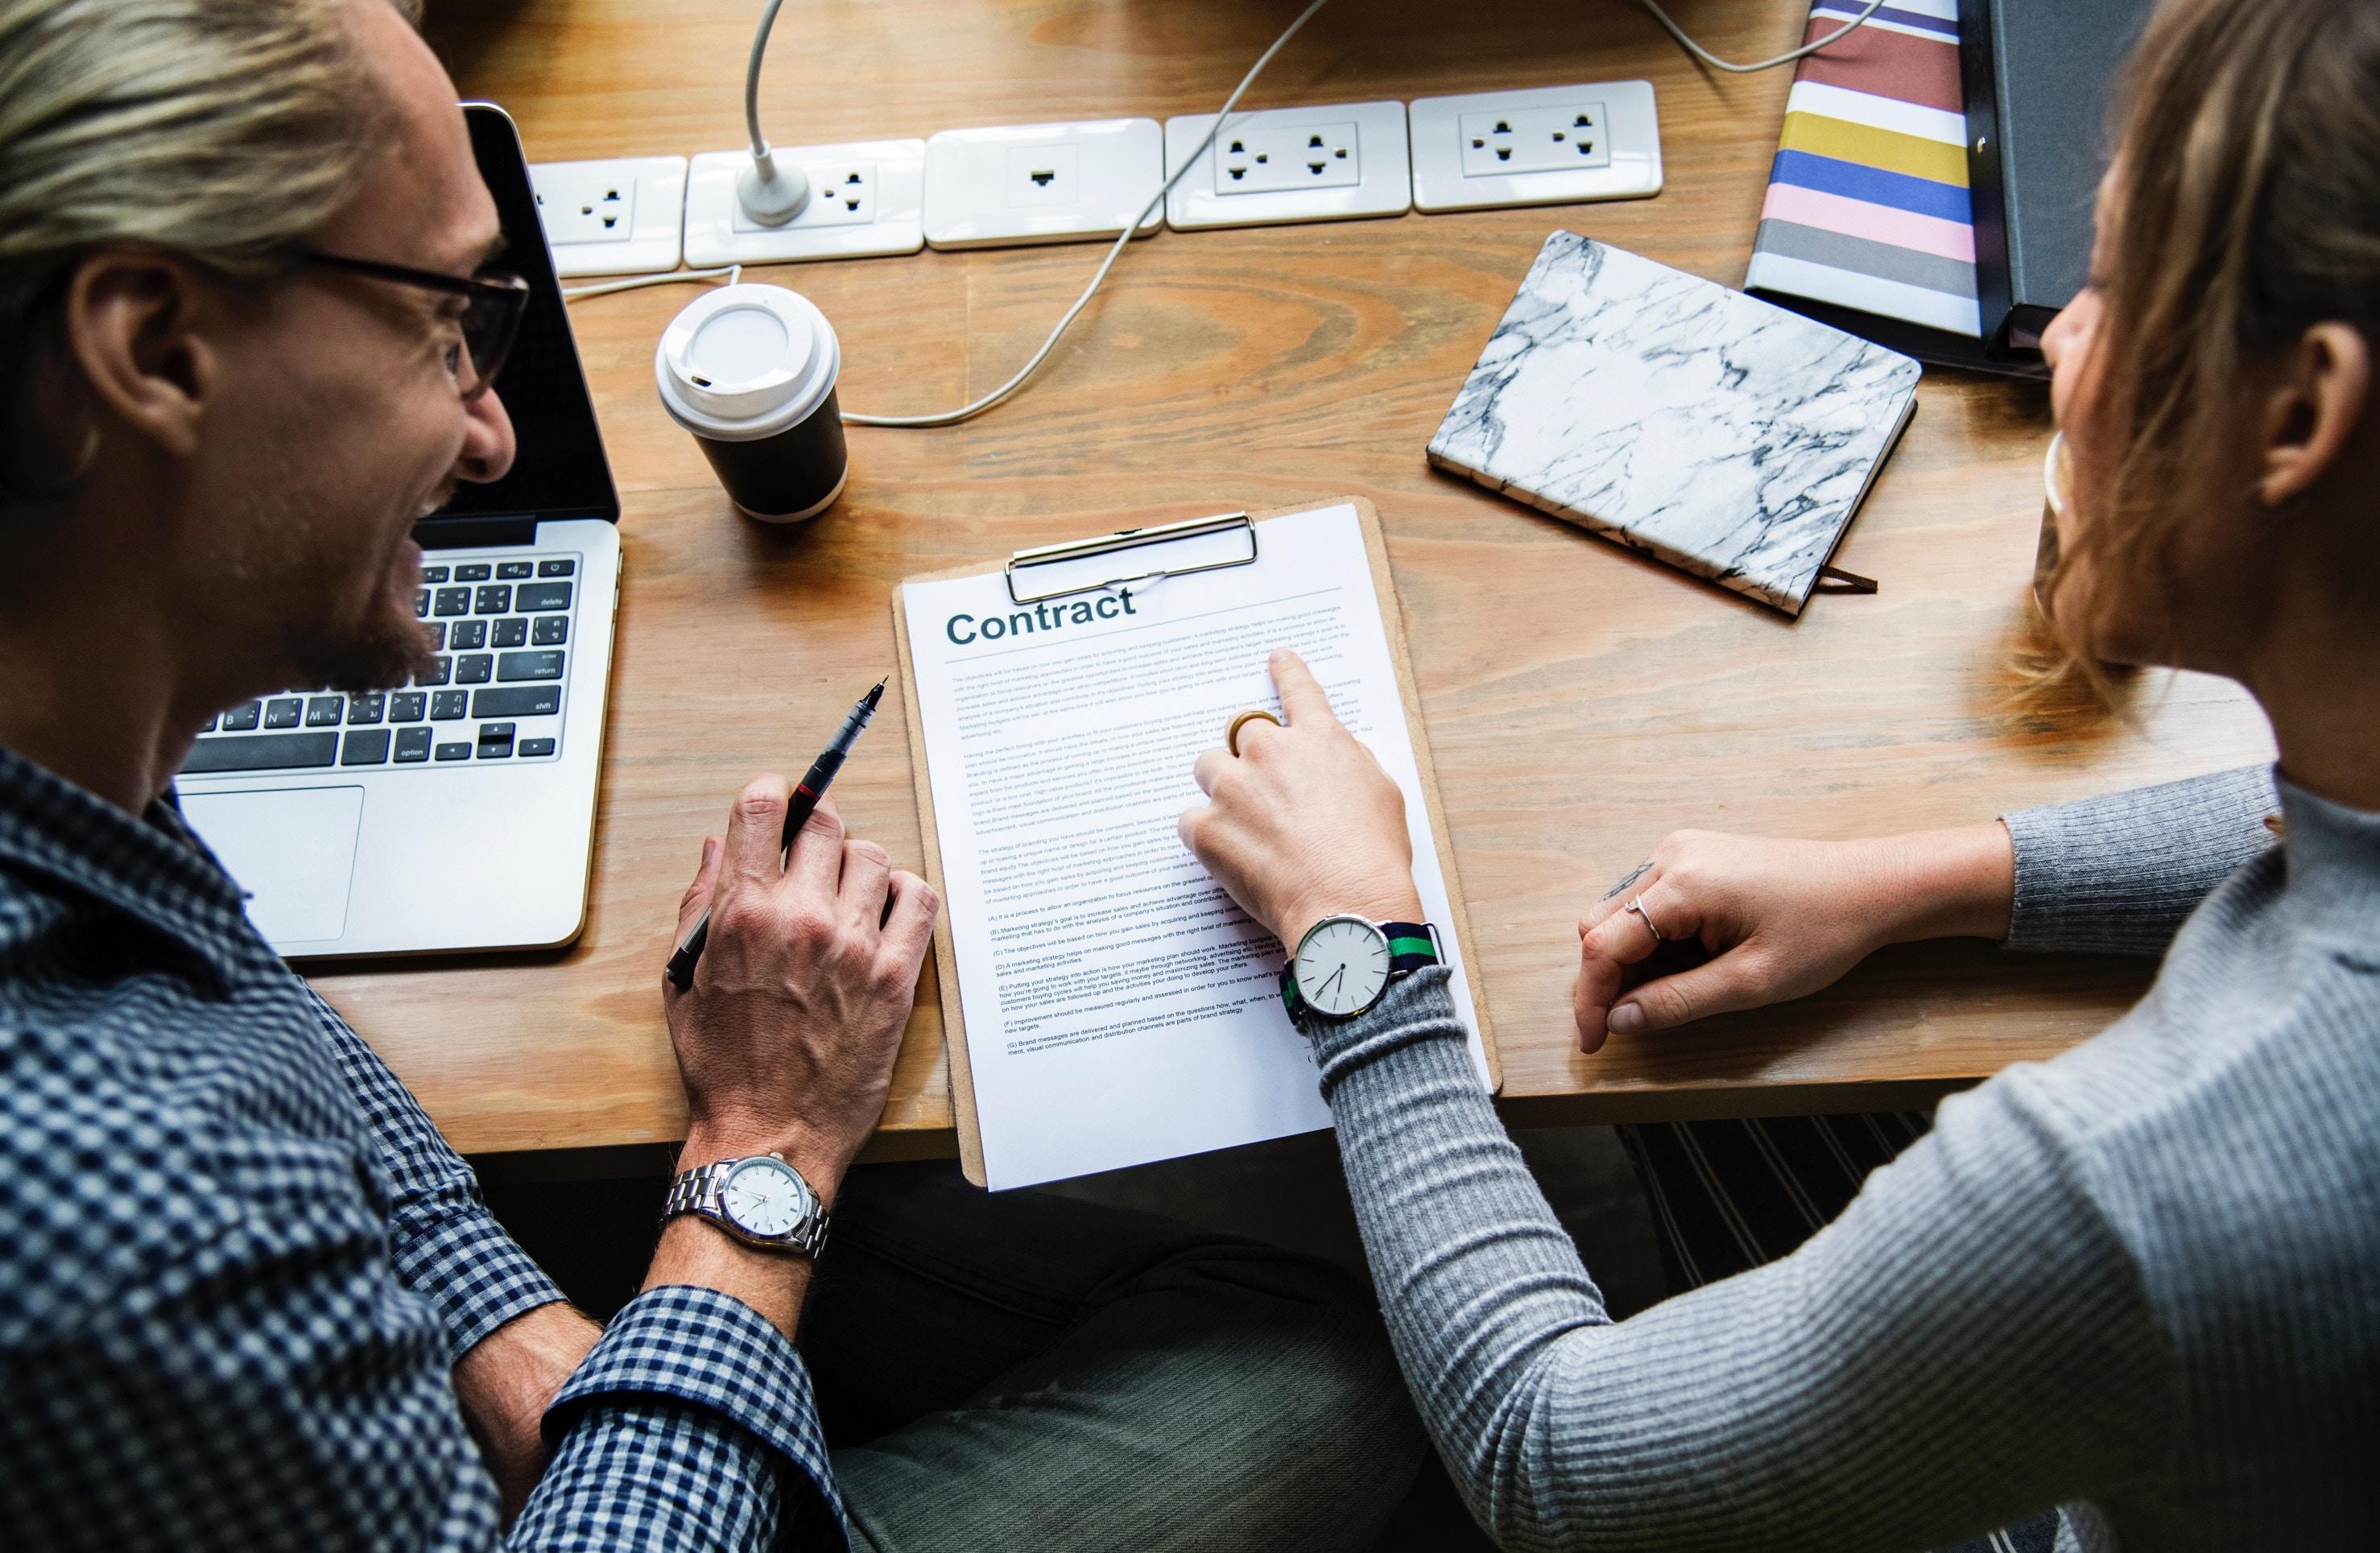 外国人の方を契約社員として雇用する際に注意するべき4つのポイント